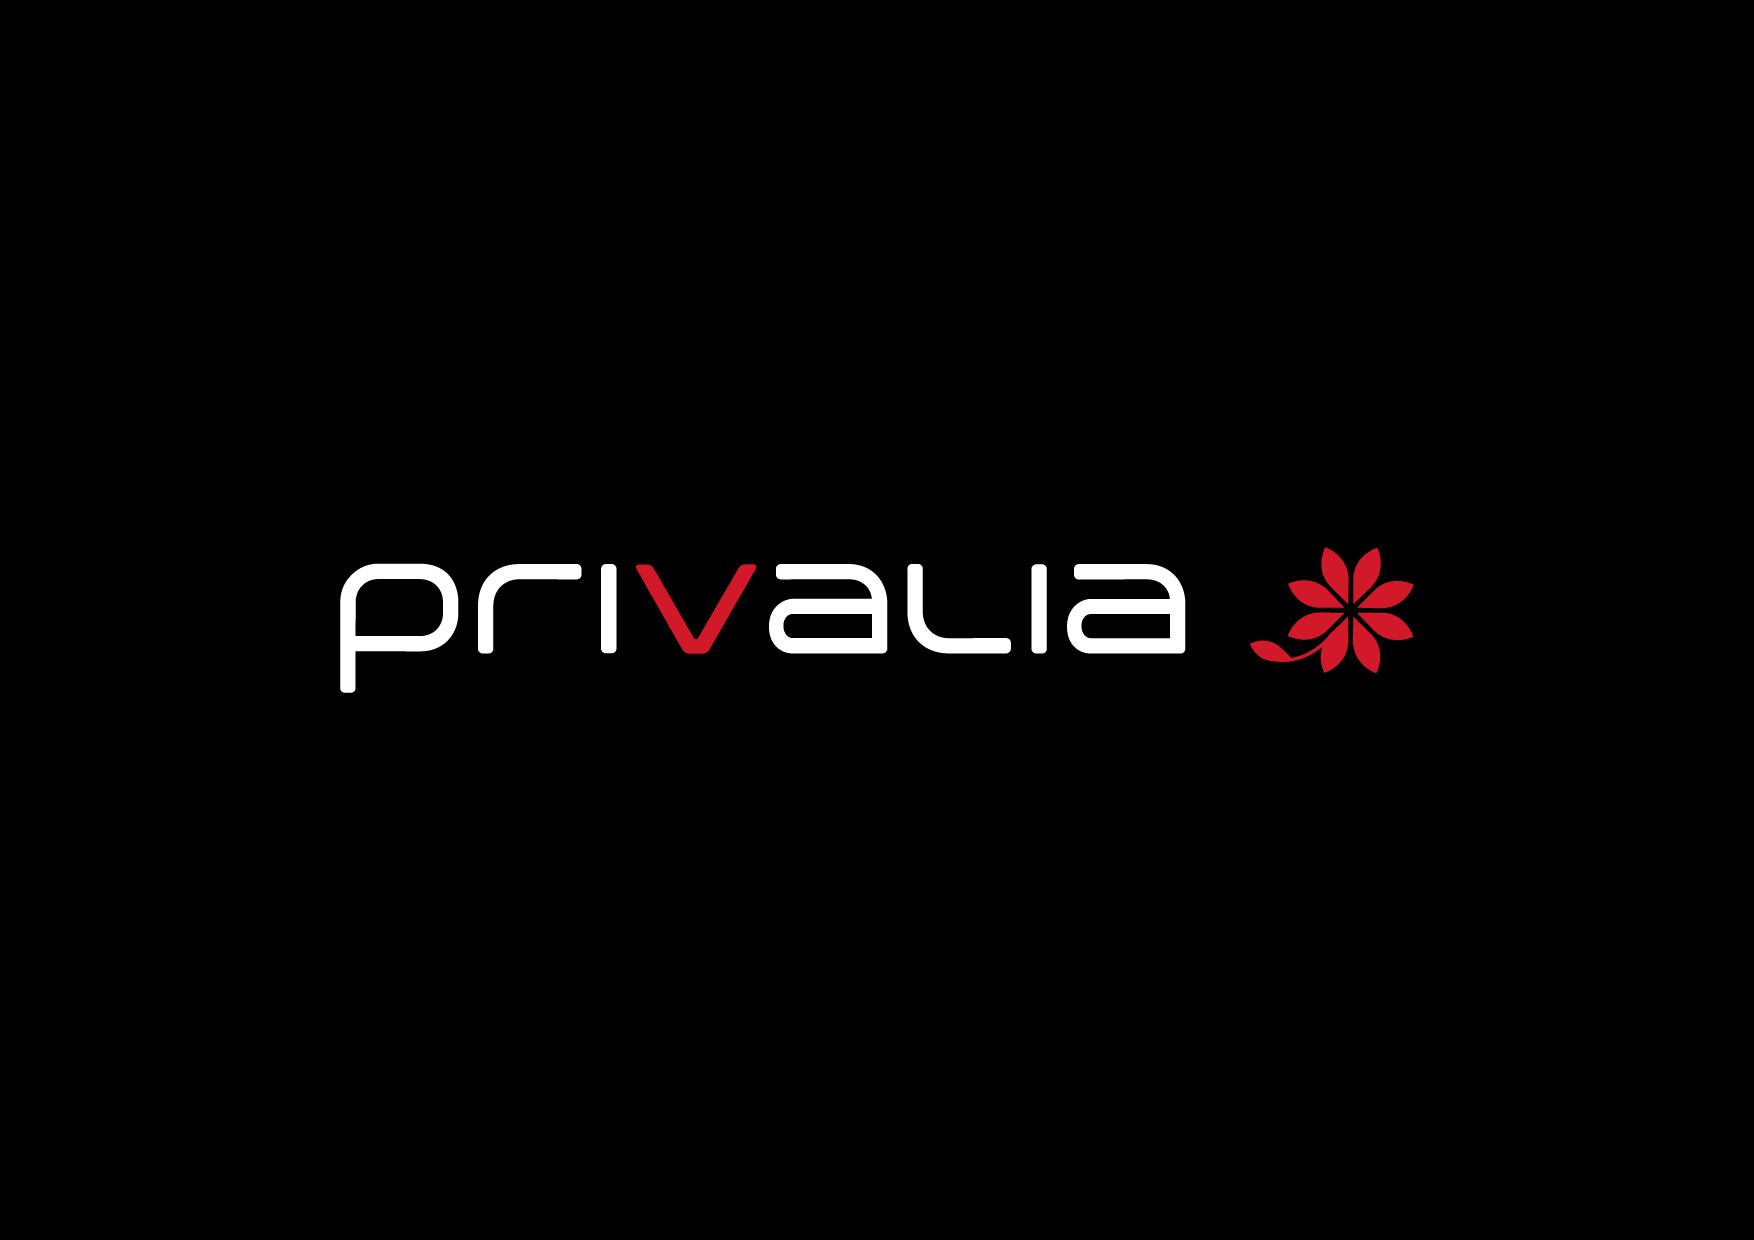 Privalia affida le relazioni pubbliche a weber shandwick for Contatti privalia